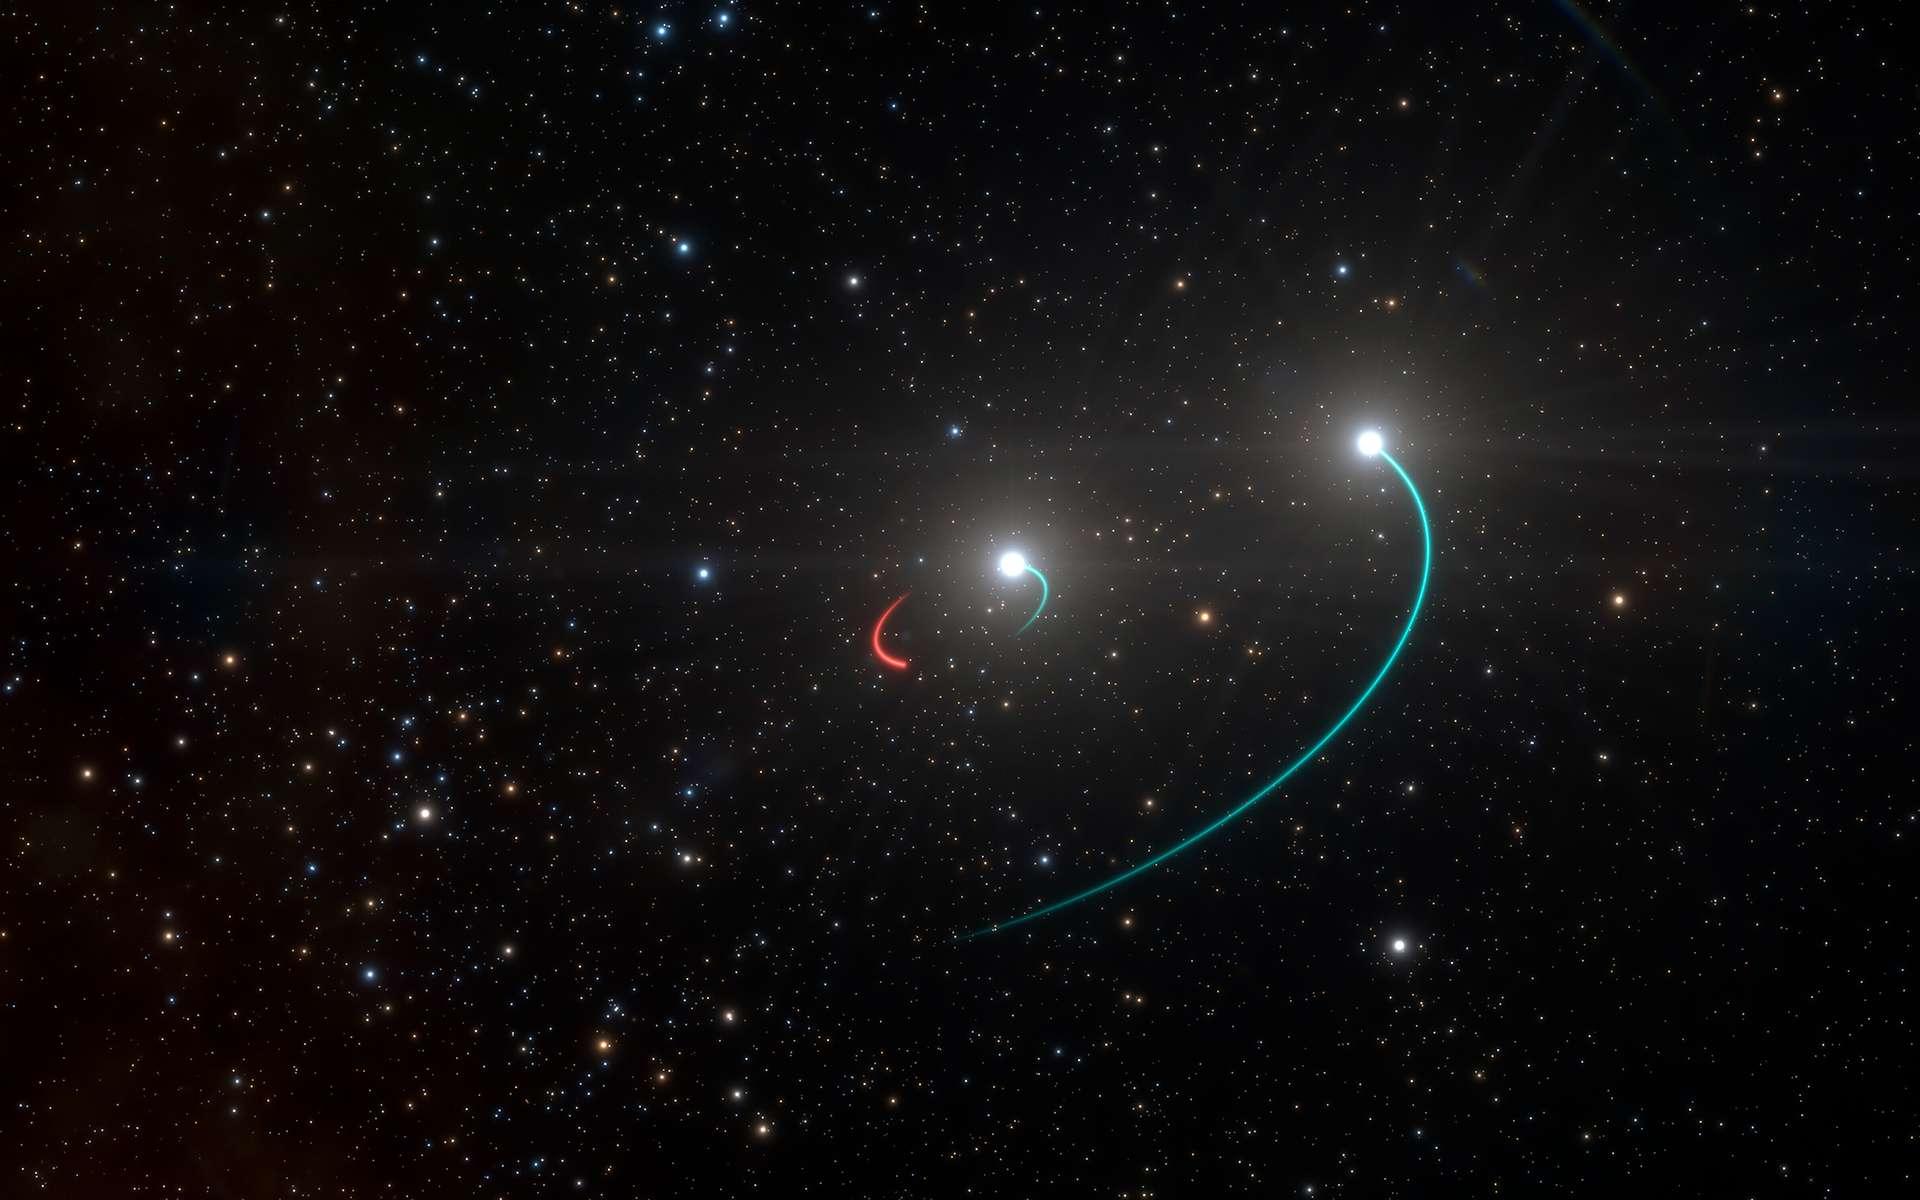 Sur cette vue d'artiste figurent les orbites des objets composant le système triple HR 6819. Ce système est constitué d'une binaire interne dotée d'une étoile (trajectoire de couleur bleue) et d'un trou noir récemment découvert (trajectoire de couleur rouge), ainsi que d'une troisième étoile décrivant une orbite plus étendue (également de couleur bleue). © ESO, L. Calçada